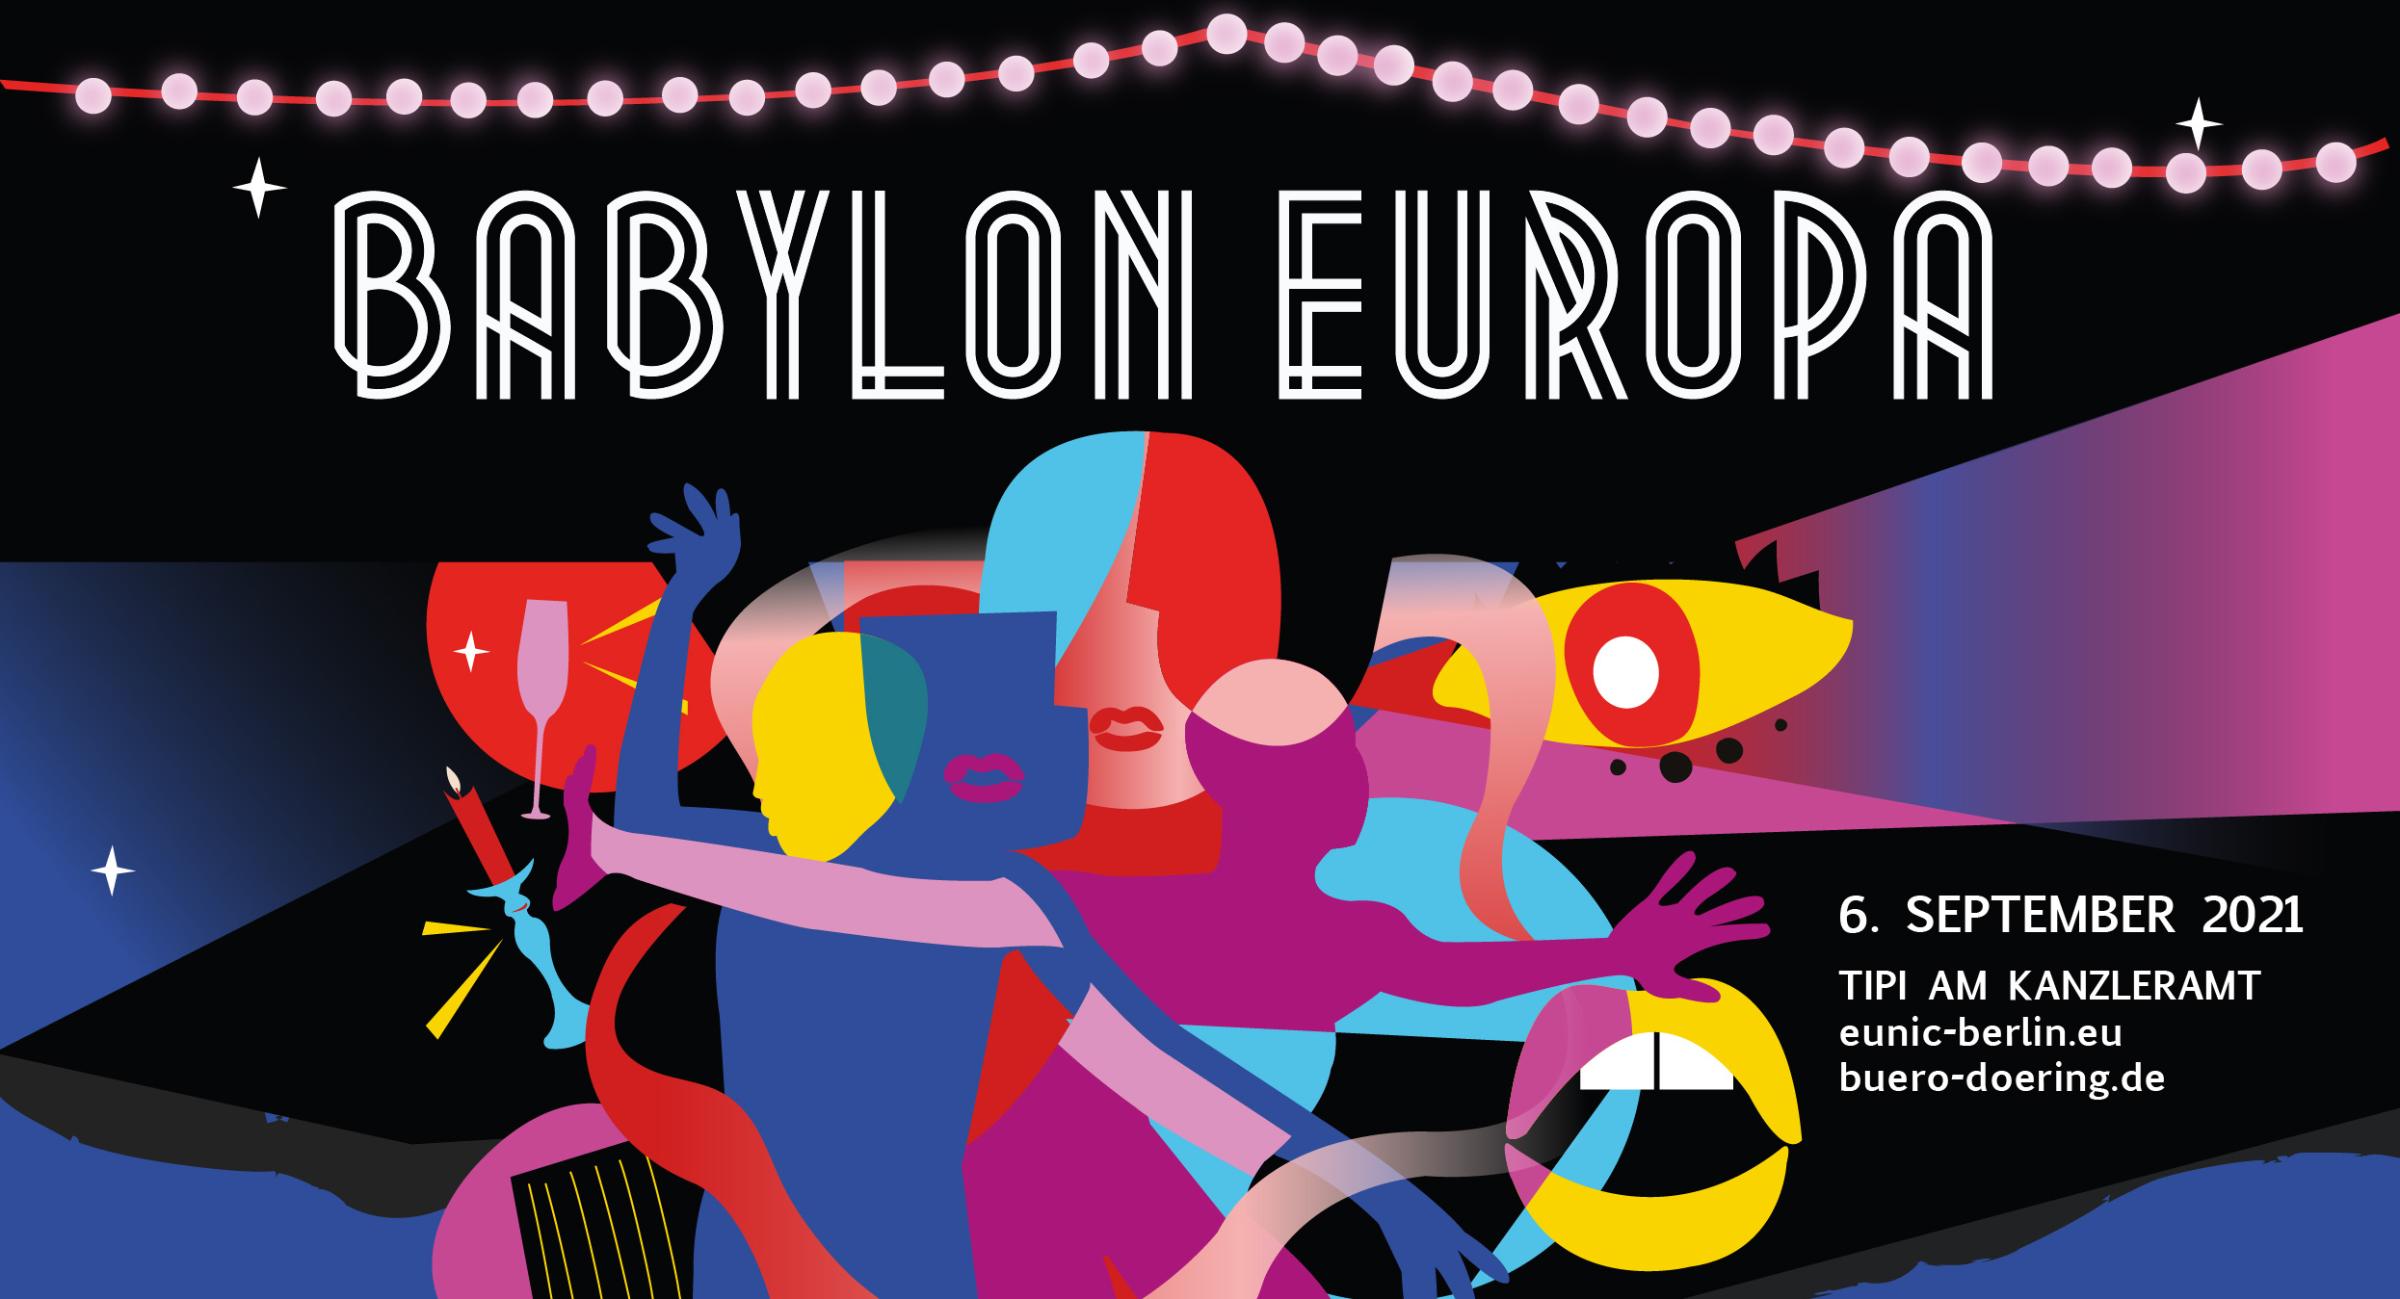 Babylon Europa 2021 - Festival der Sinne